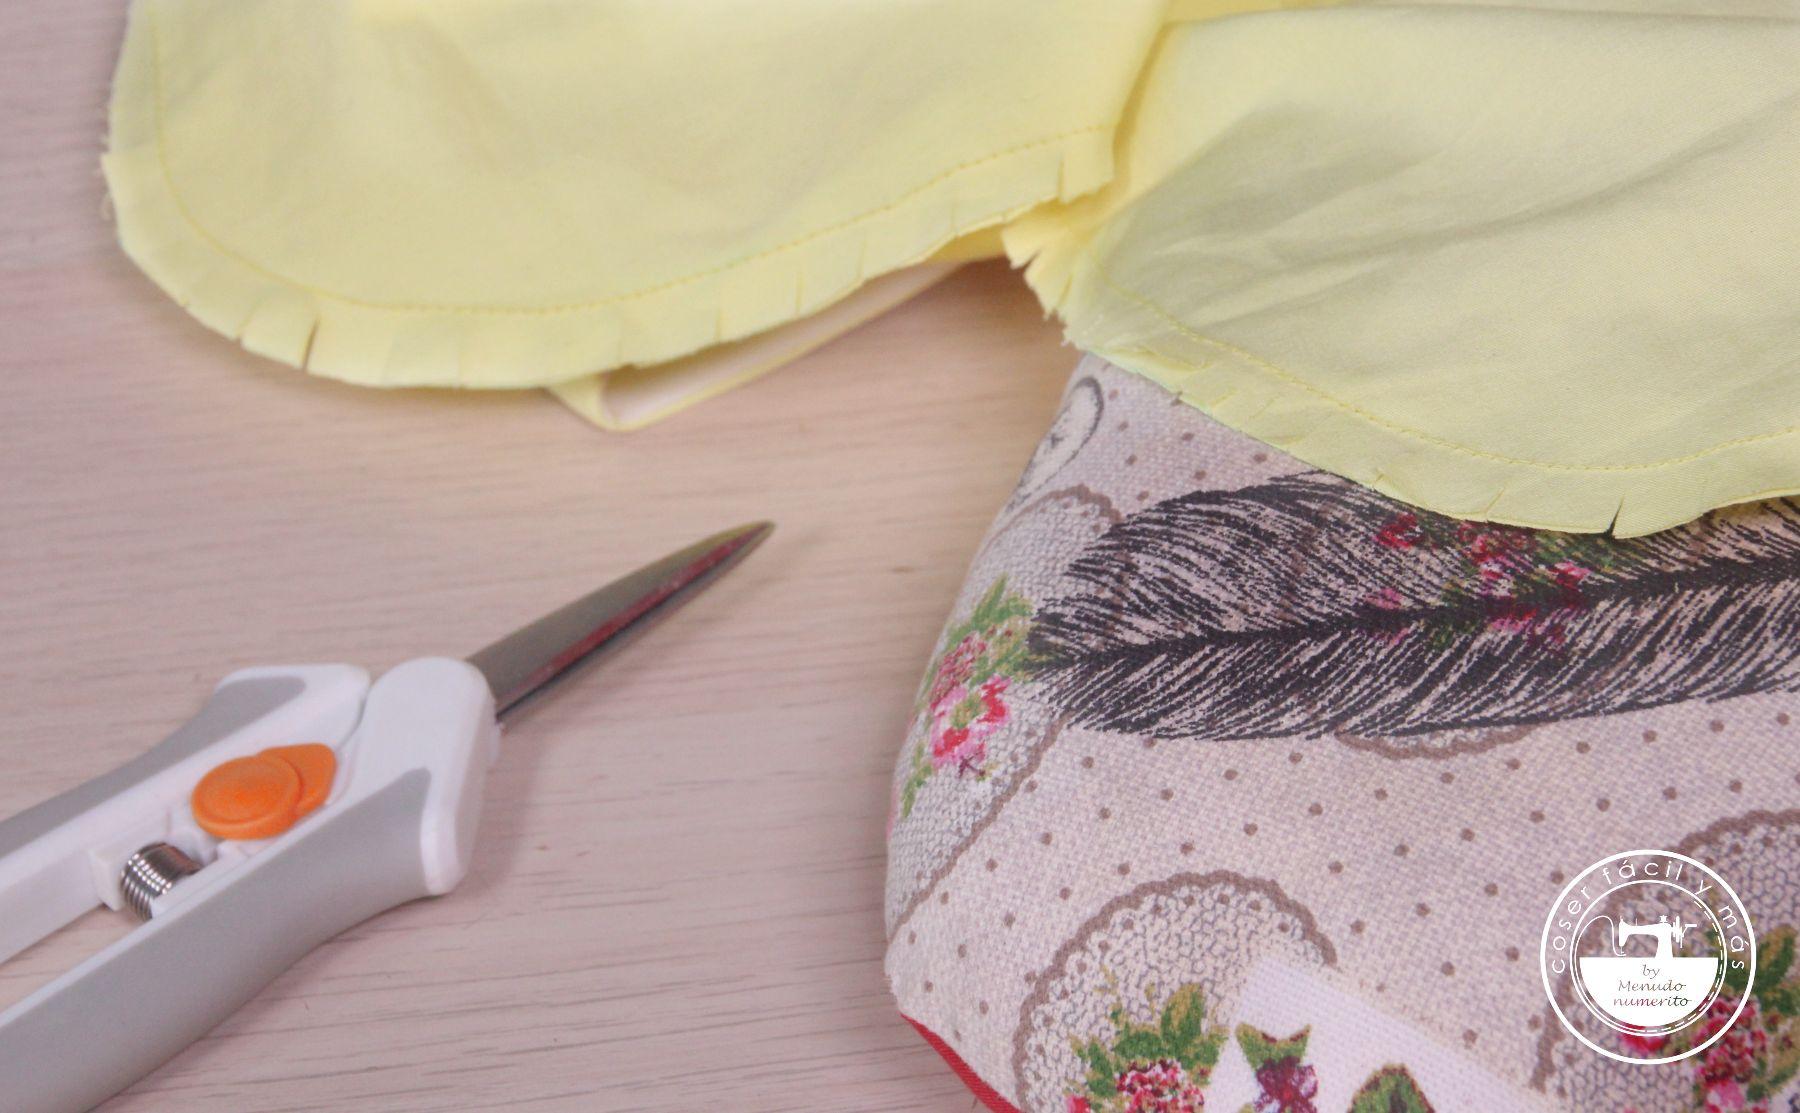 agrandar blusa dama coser facil blogs de costura